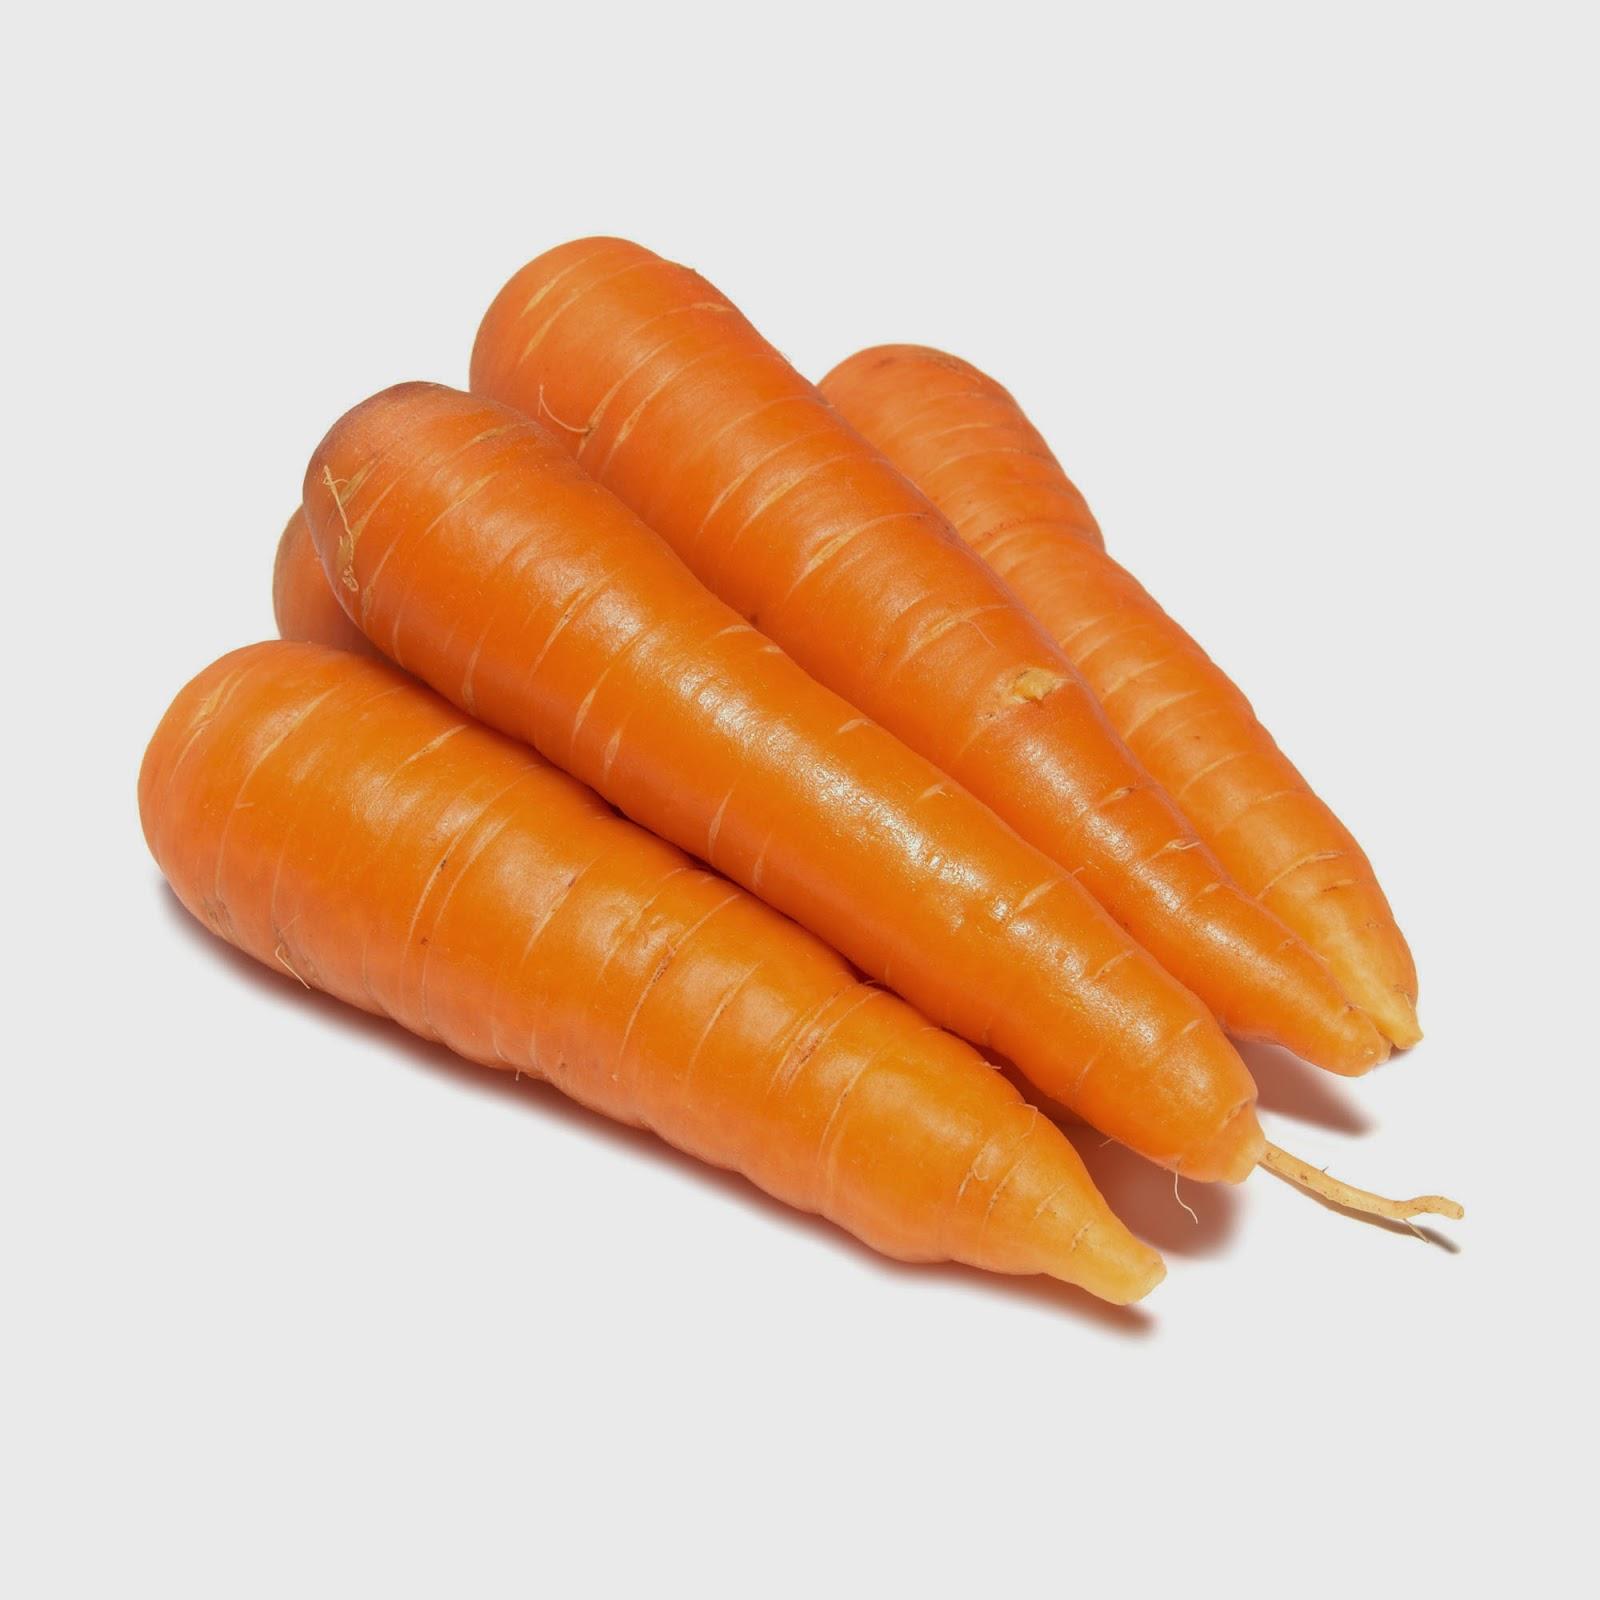 Consejos de belleza con zanahoria